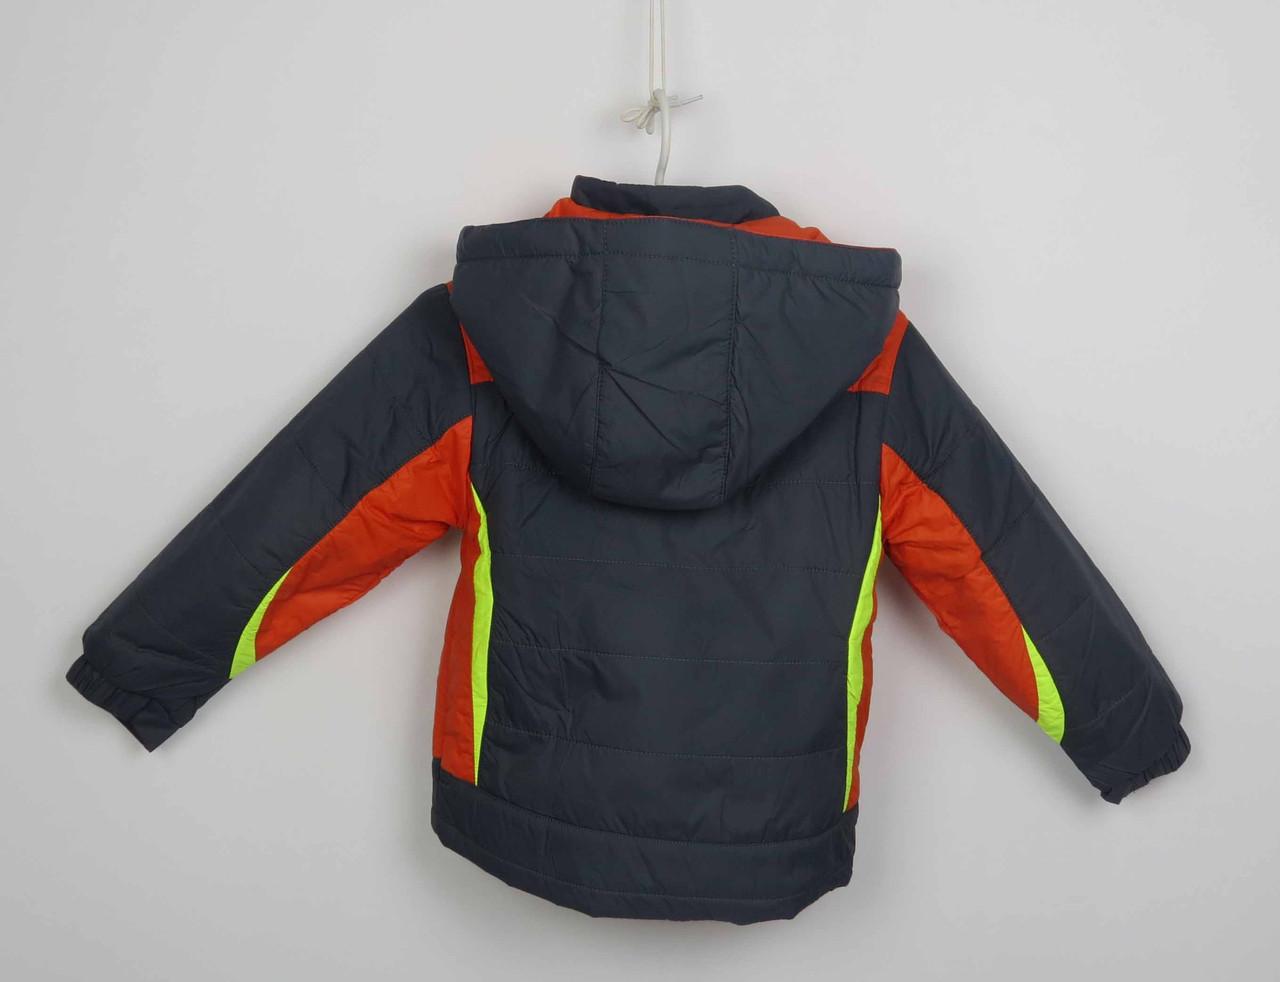 Куртка весна-осень,код с-31, размеры рост 92 см - 110 см, размеры 2-5 лет, фото 2